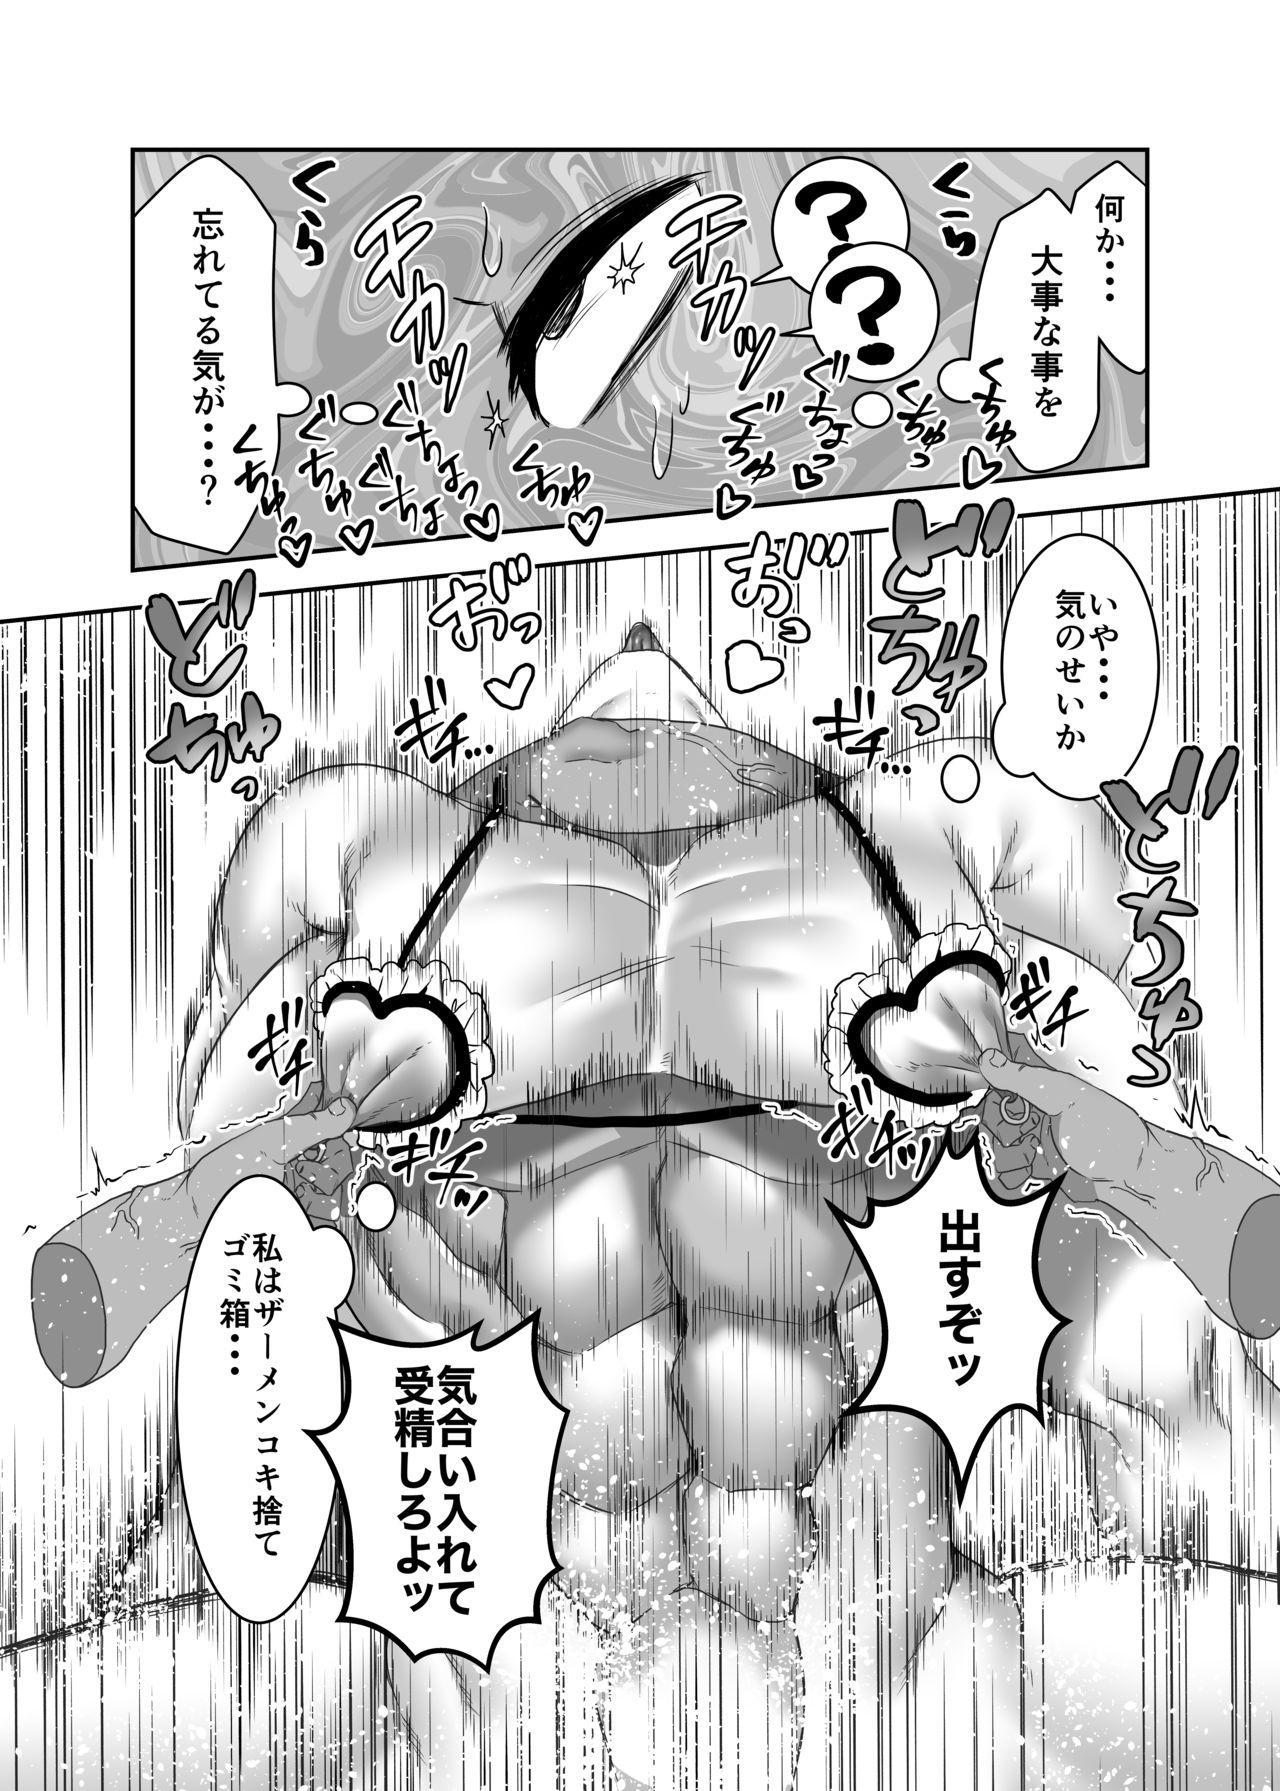 Masaka Ano Promepolis Shiseikan ga Saimin Appli de Seidorei ni Ochiru nante 19